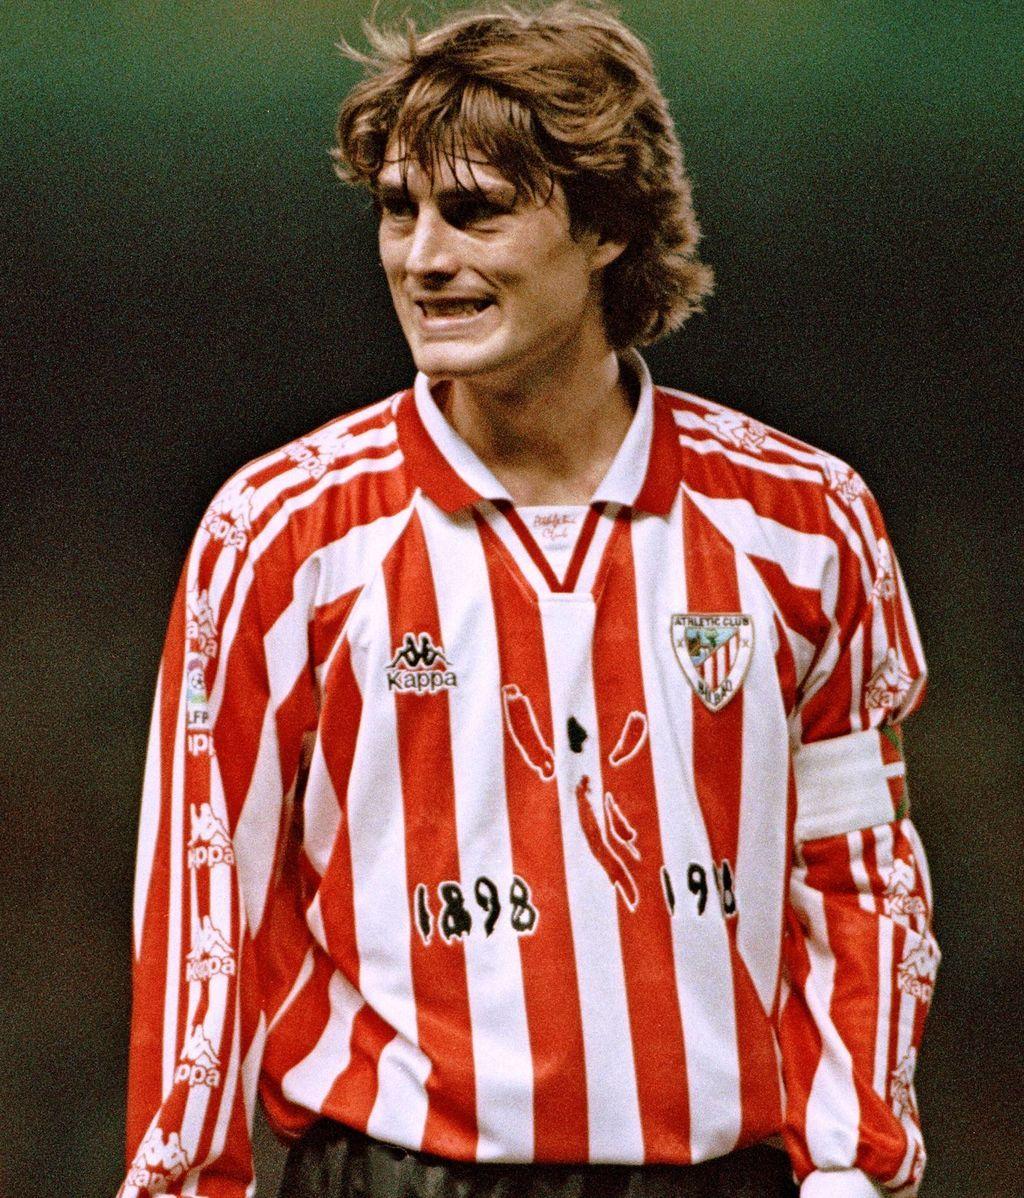 Julen Guerrero jugador formado en Lezama, cantera del Athletic de Bilbao